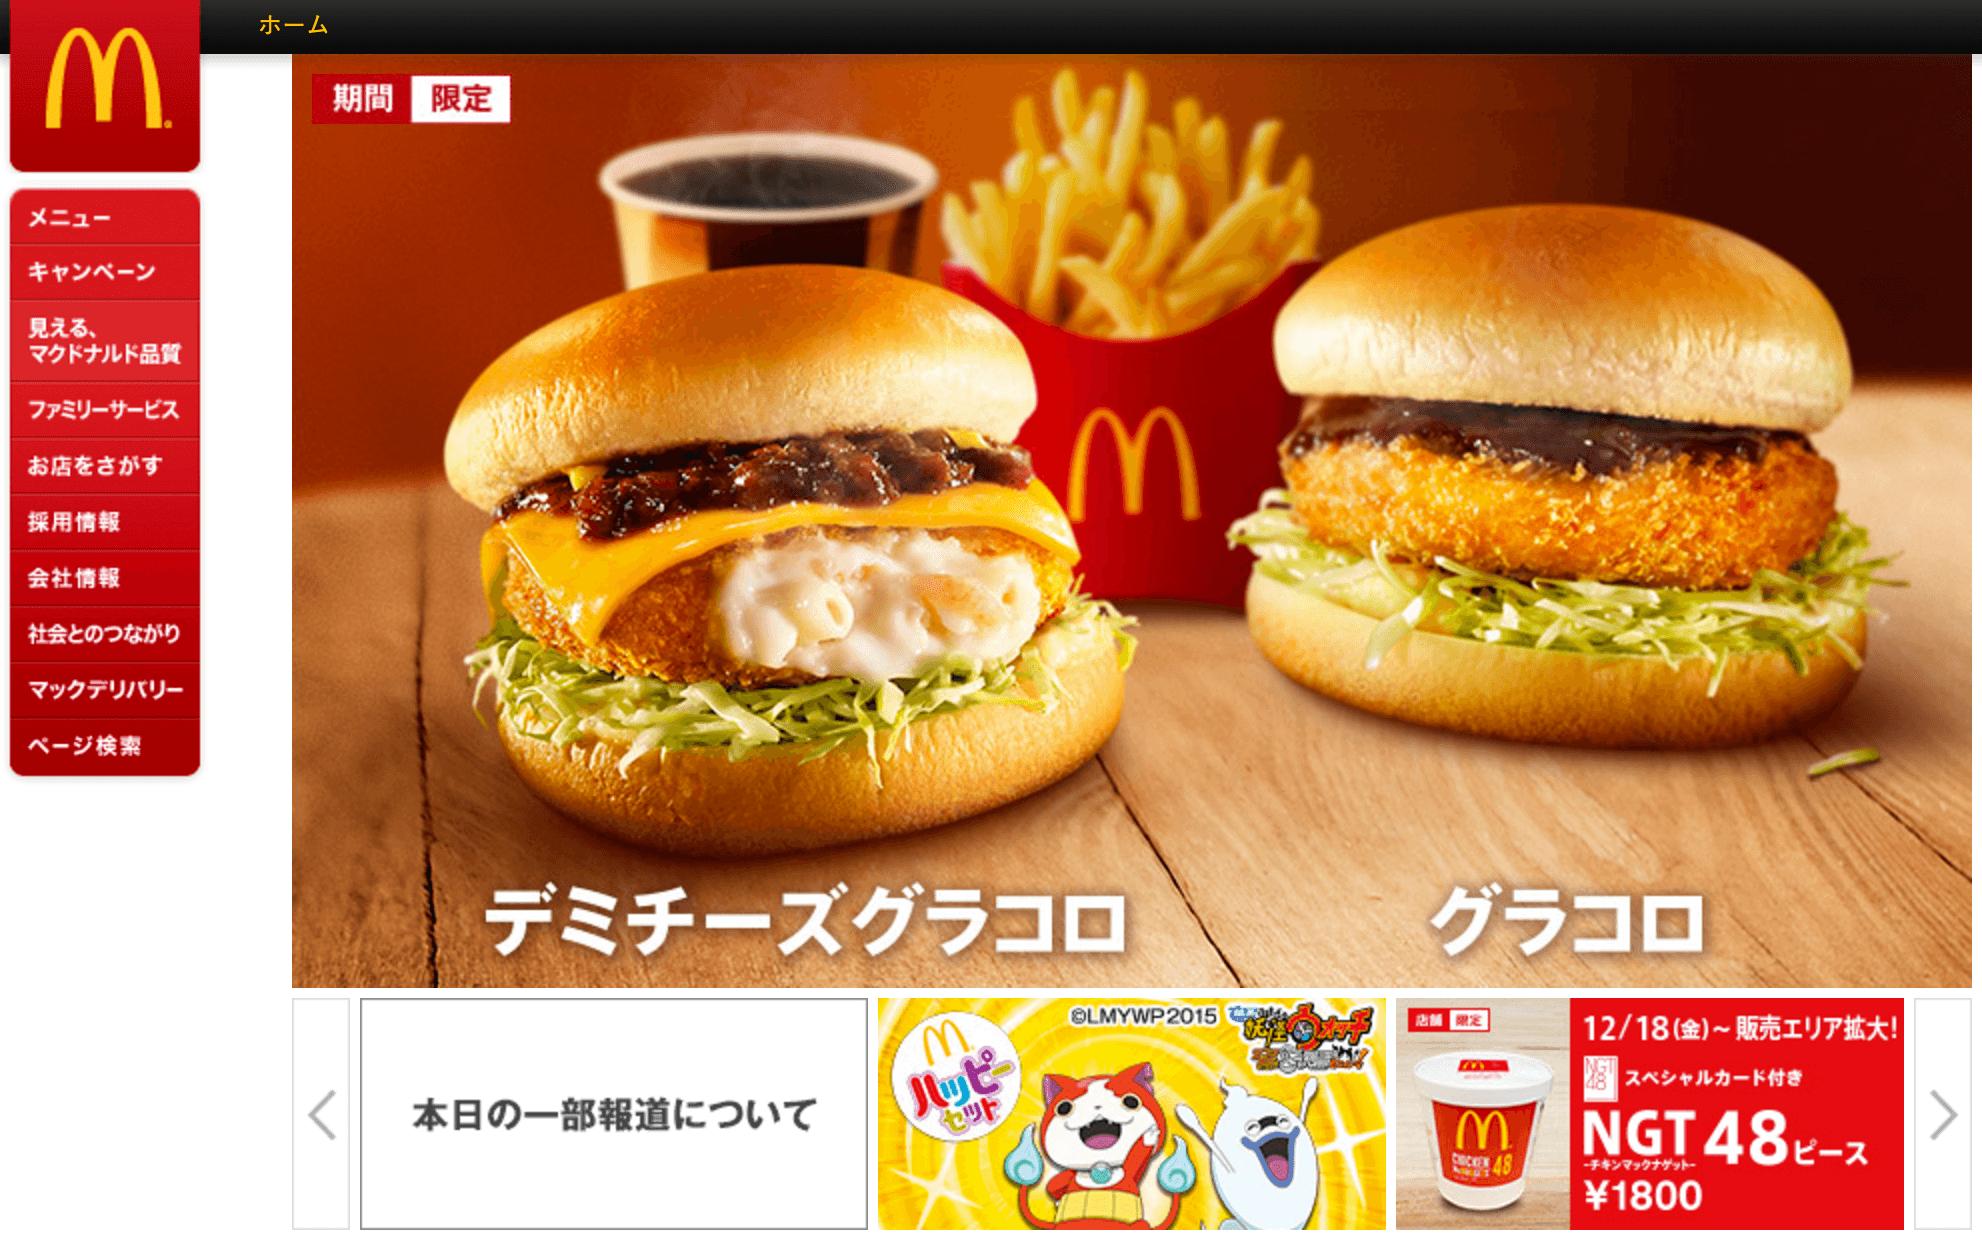 米マクドナルド、日本マクドナルド株の売却を検討と報道